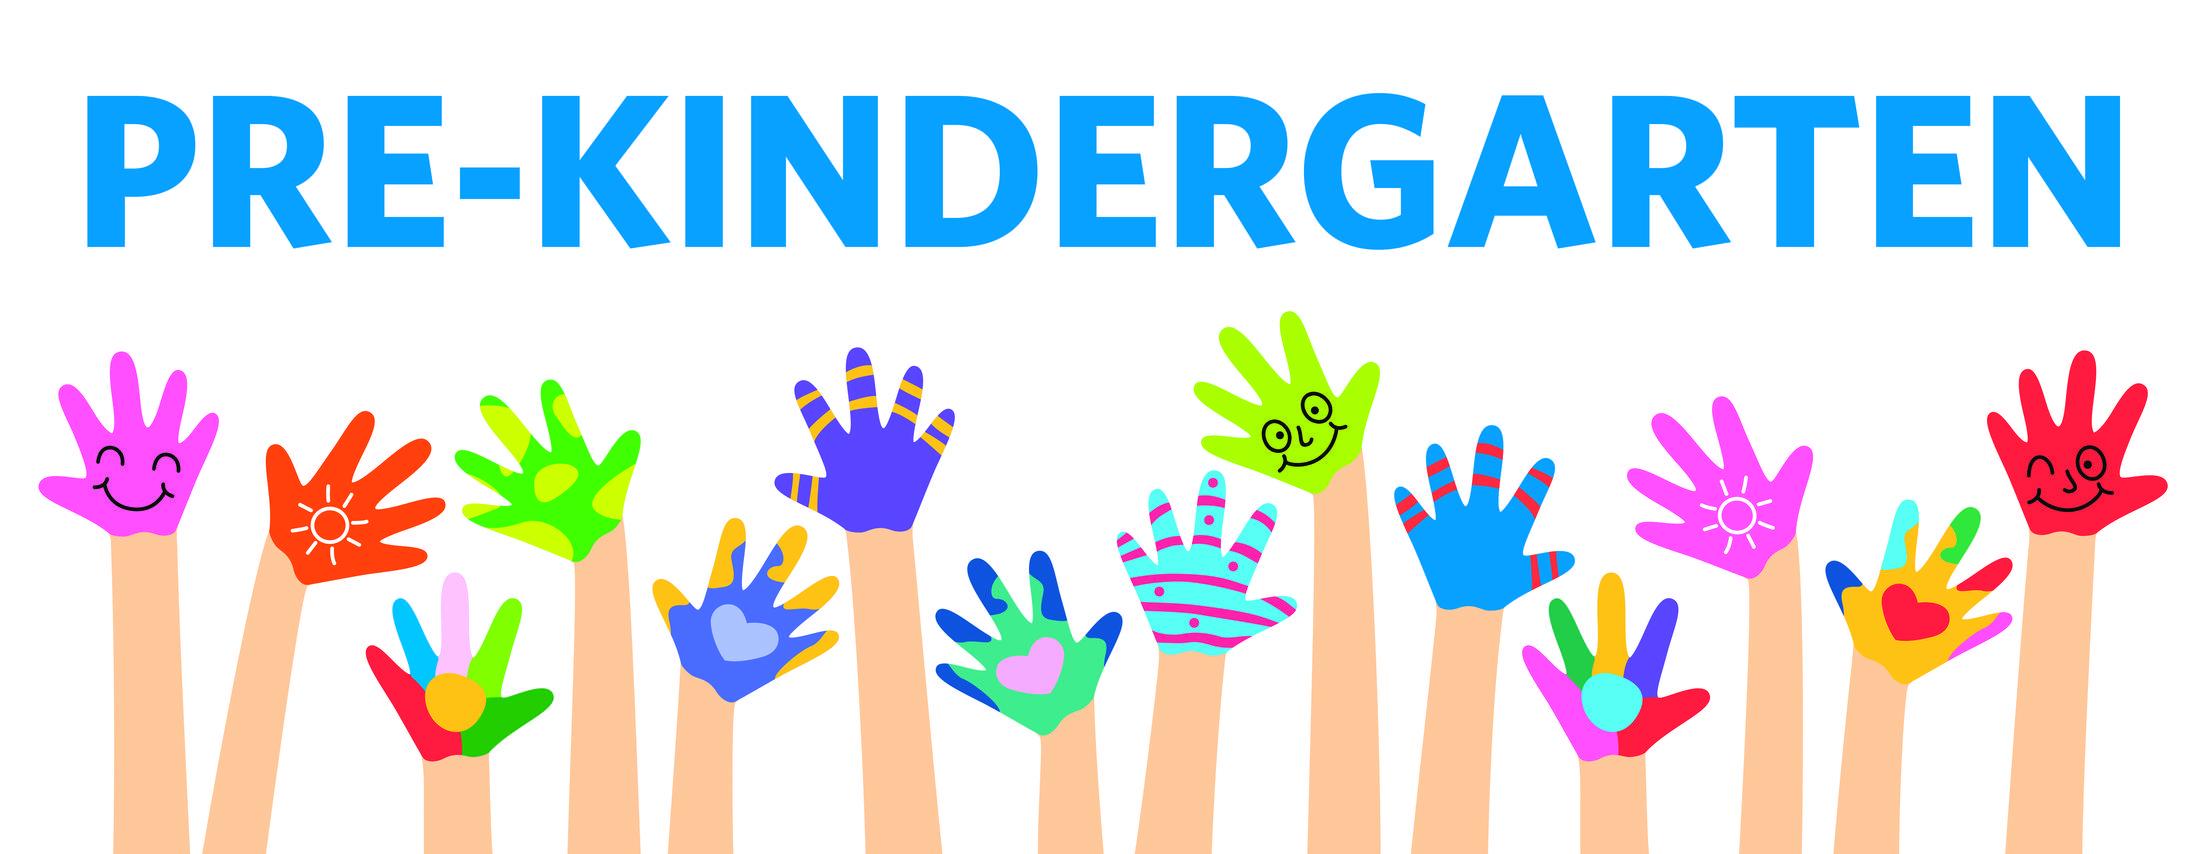 Pre-Kindergarten Registration – Registration & Enrollment ...